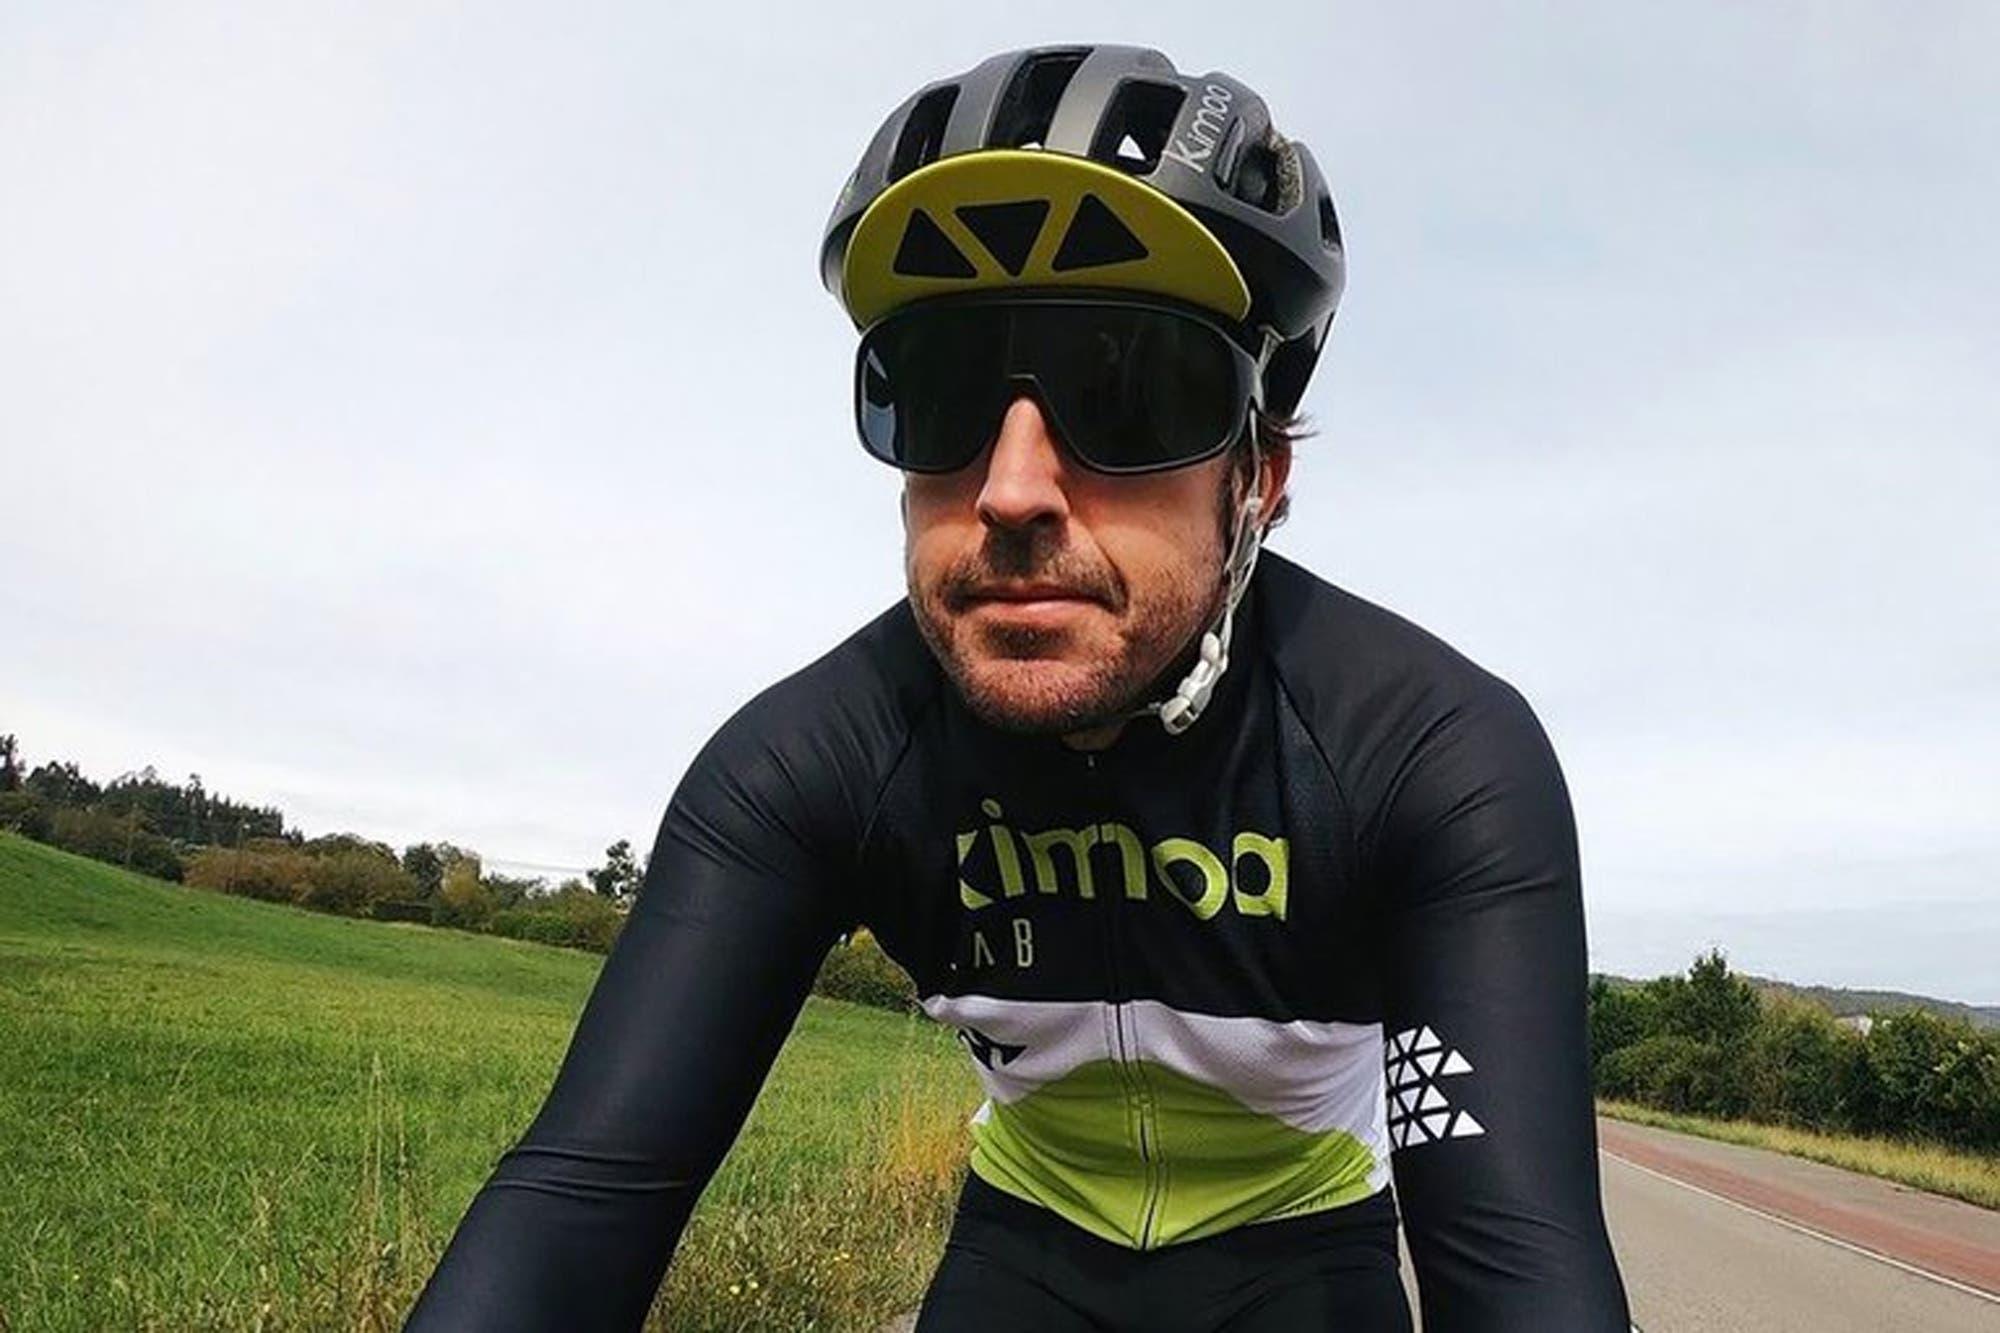 Fernando Alonso sufrió un accidente en bicicleta: fue atropellado y está internado